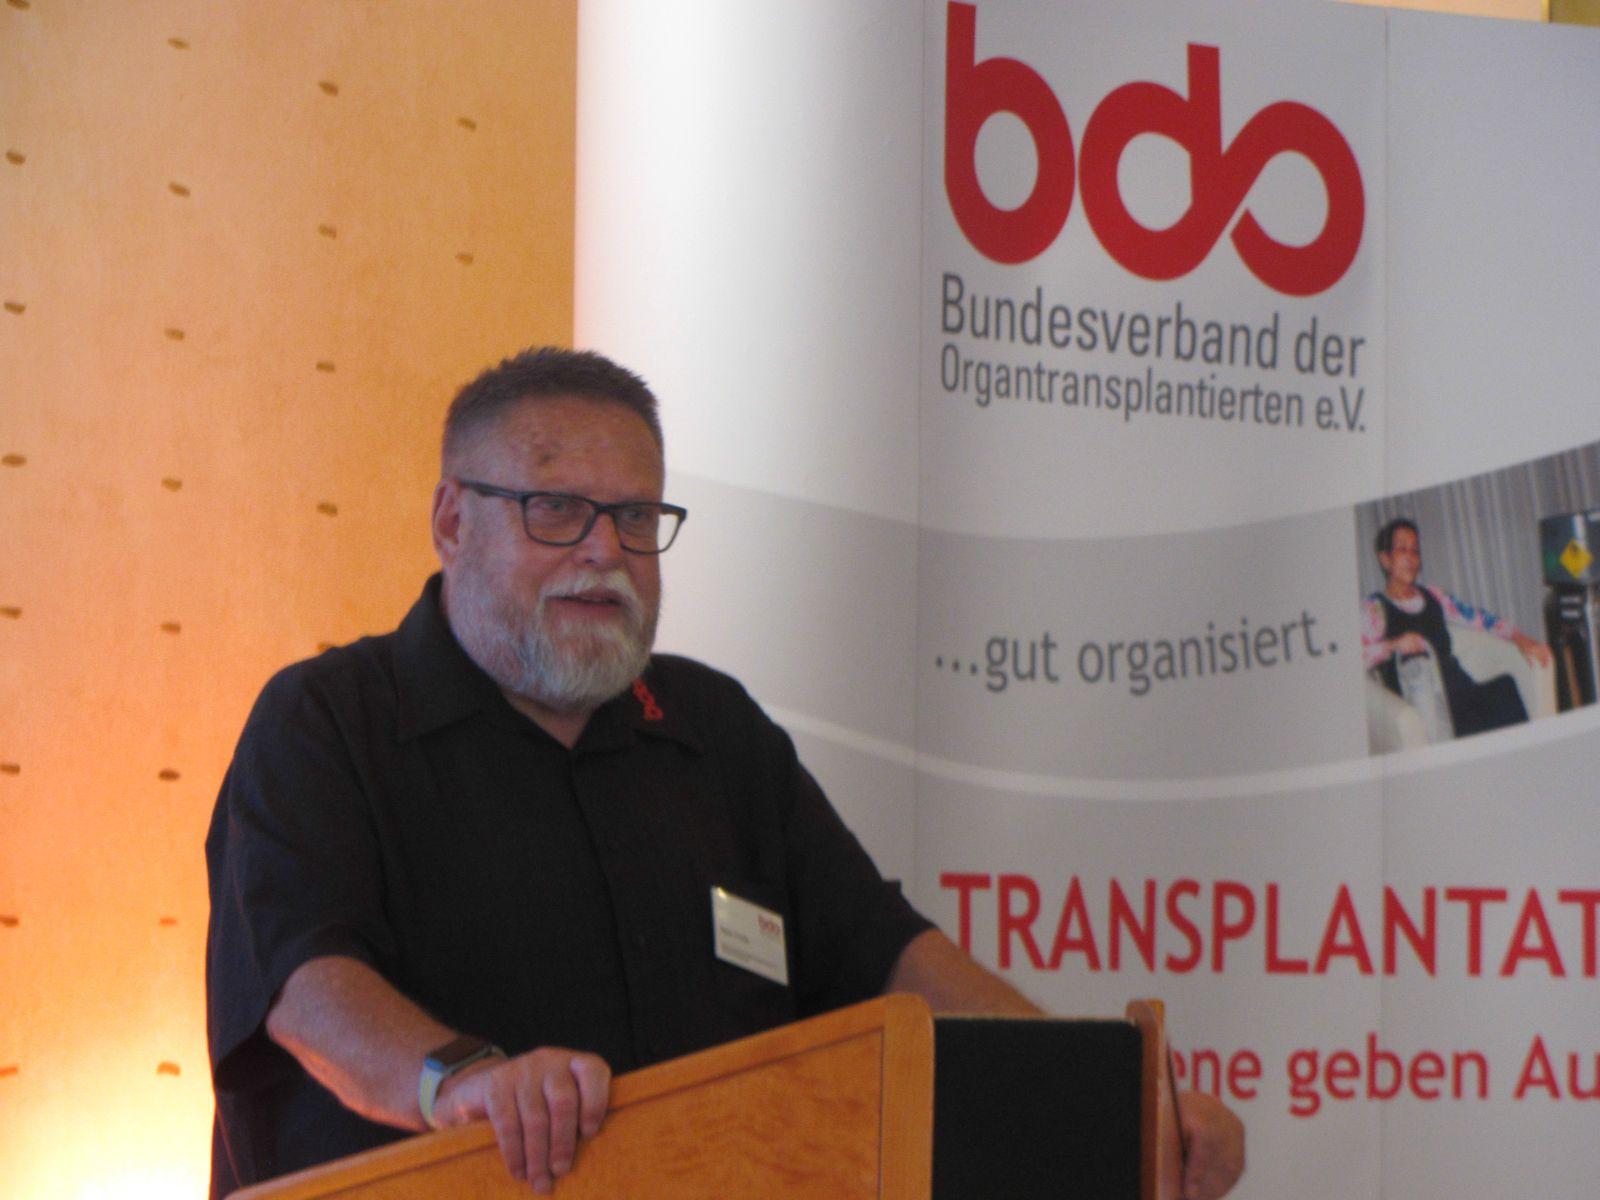 Peter Fricke, Vorsitzender des BDO, bei seiner Schlussansprache